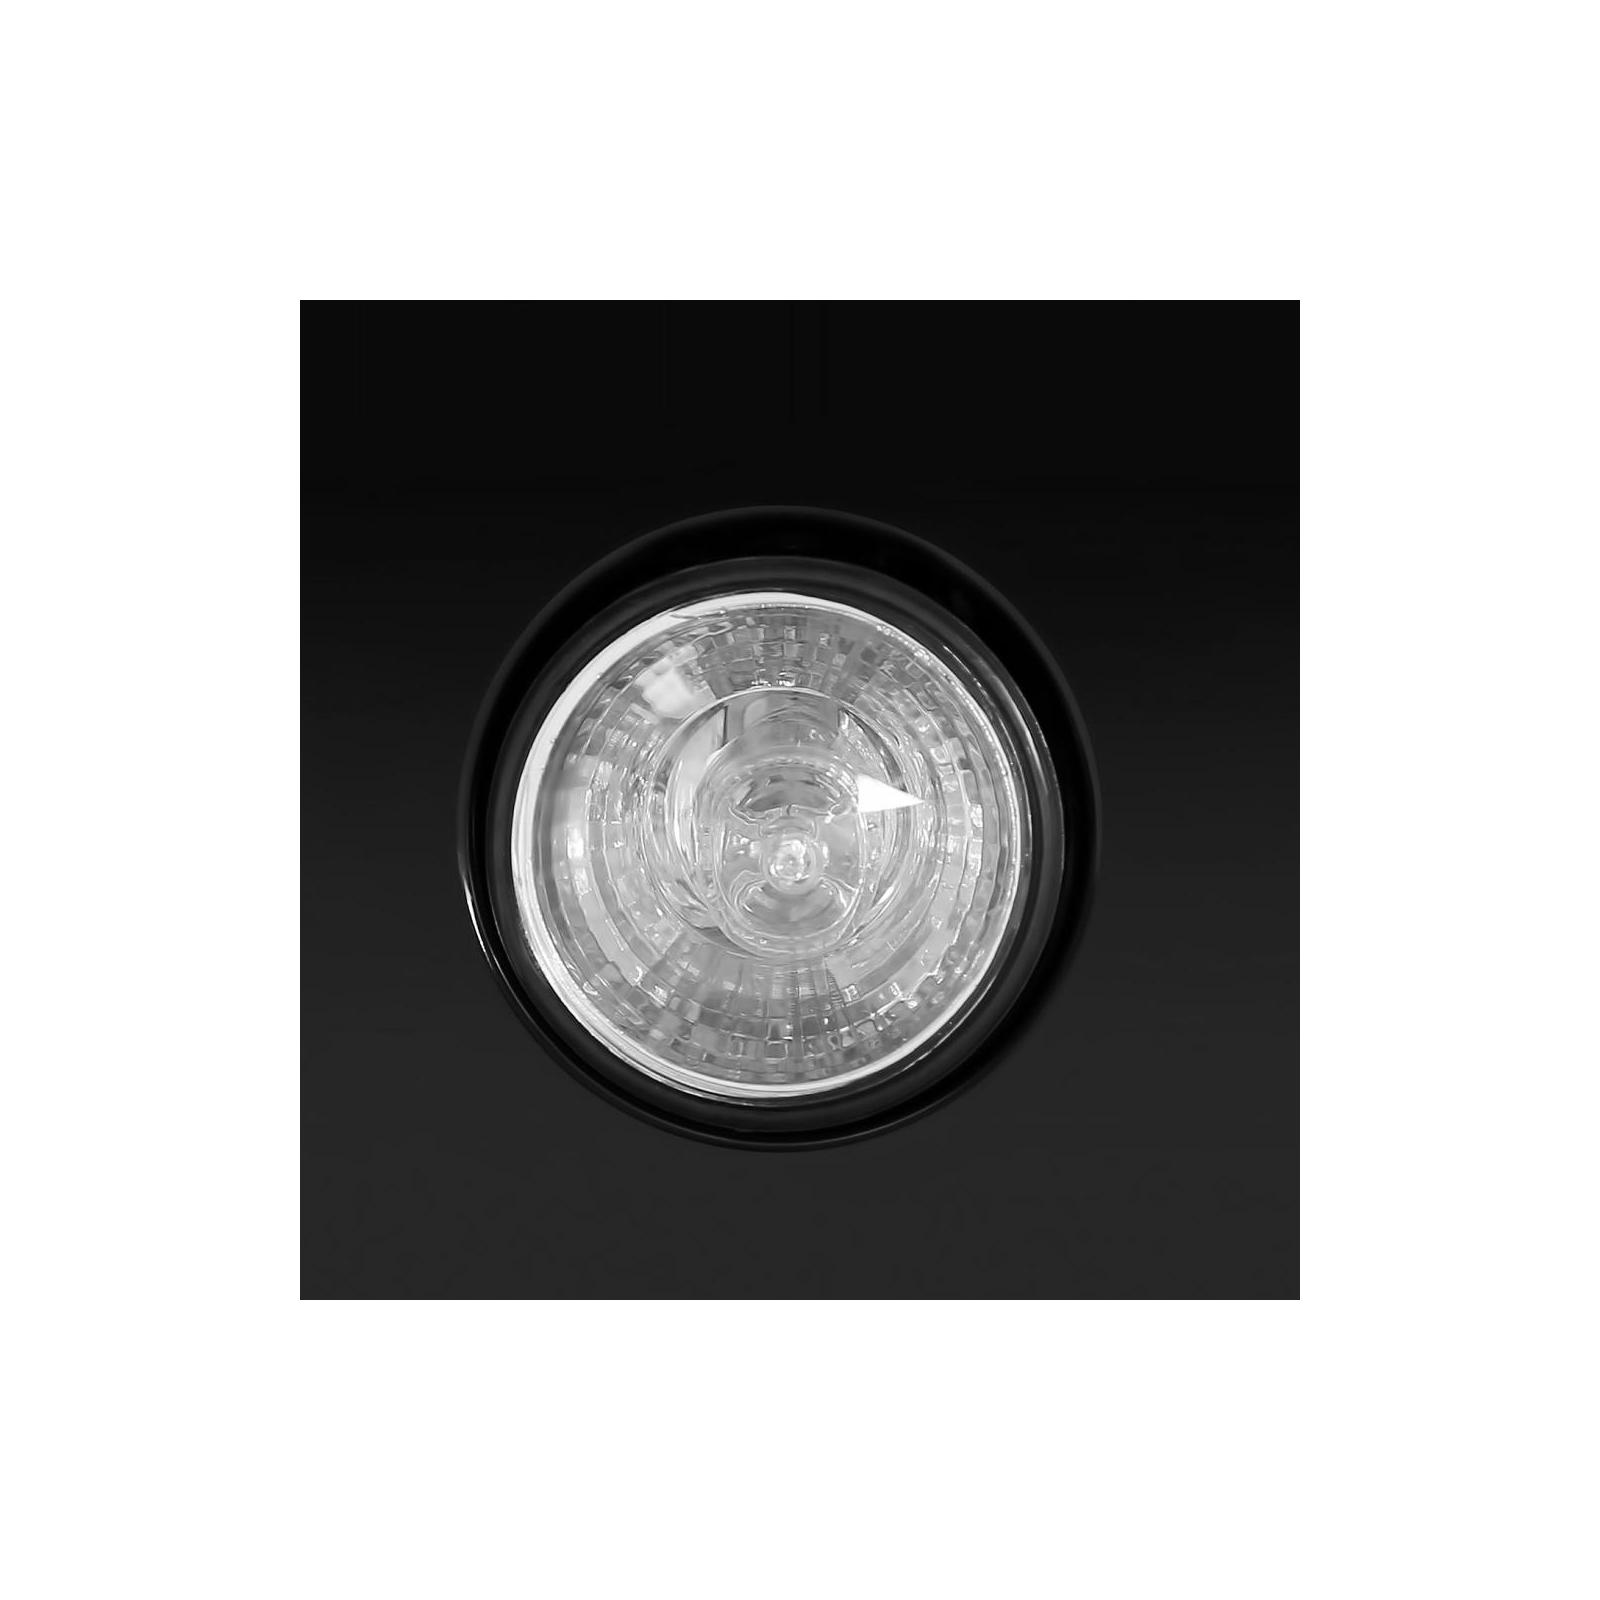 Вытяжка кухонная PERFELLI TL 6611 A 1000 BL изображение 7